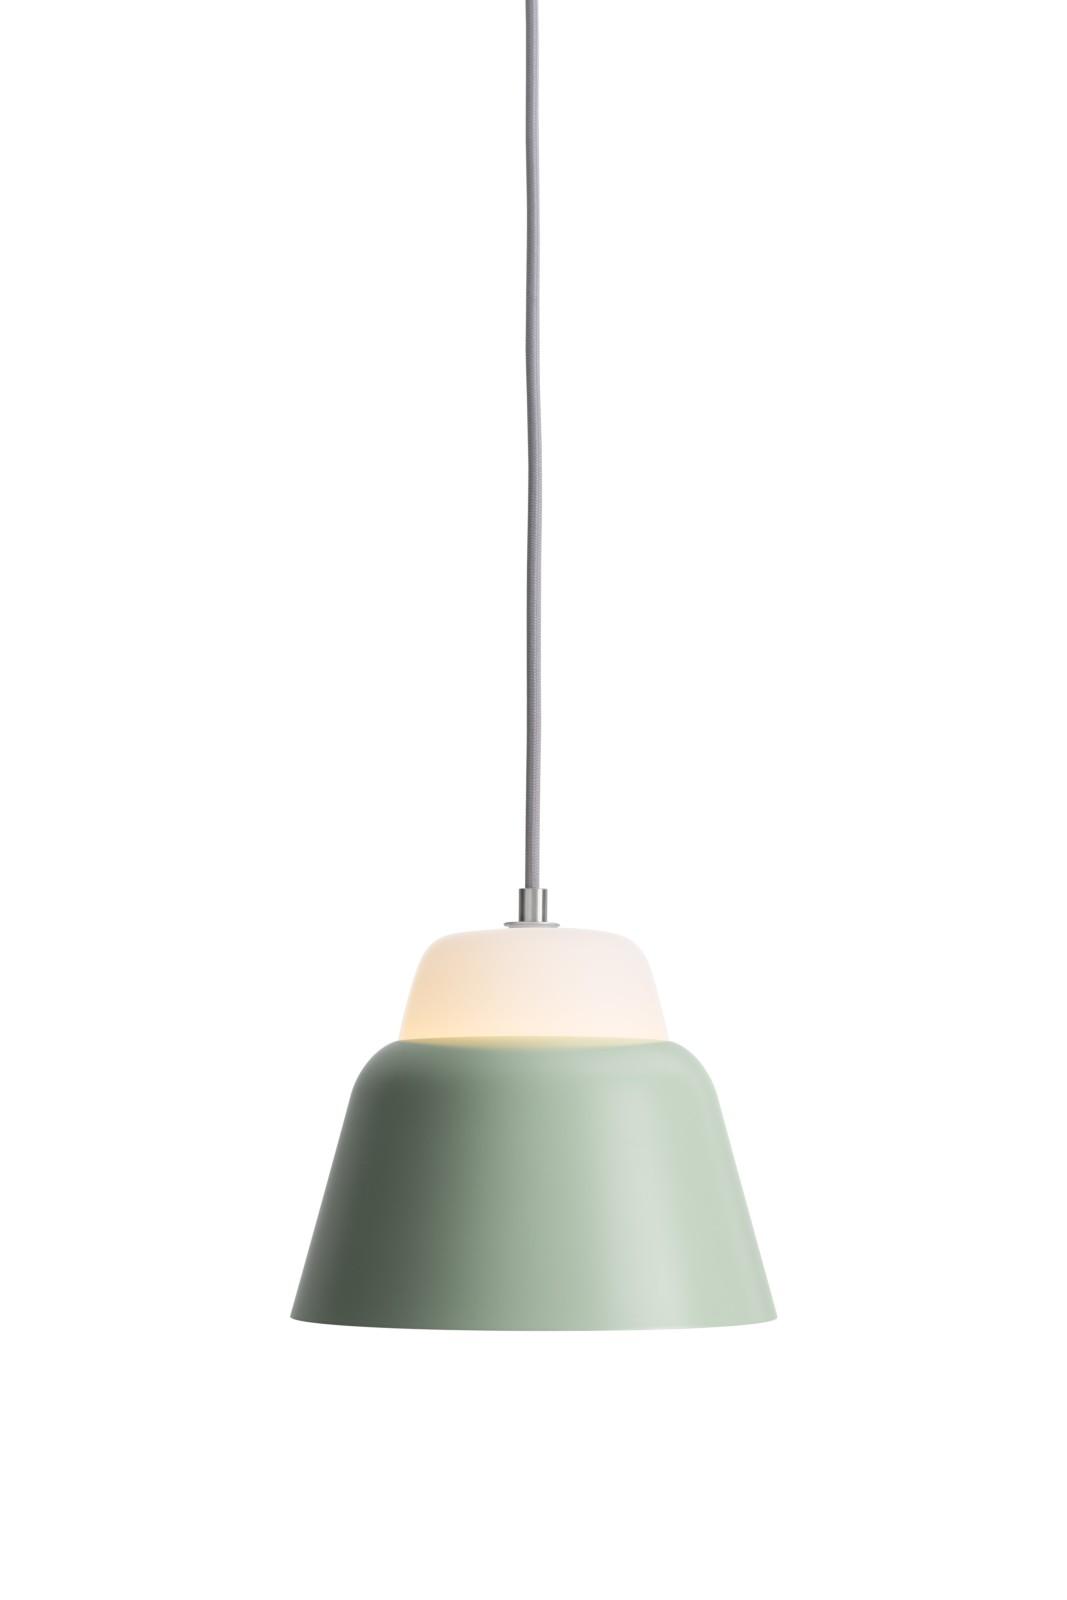 MODU Pendant Light Small Glass & Light Green